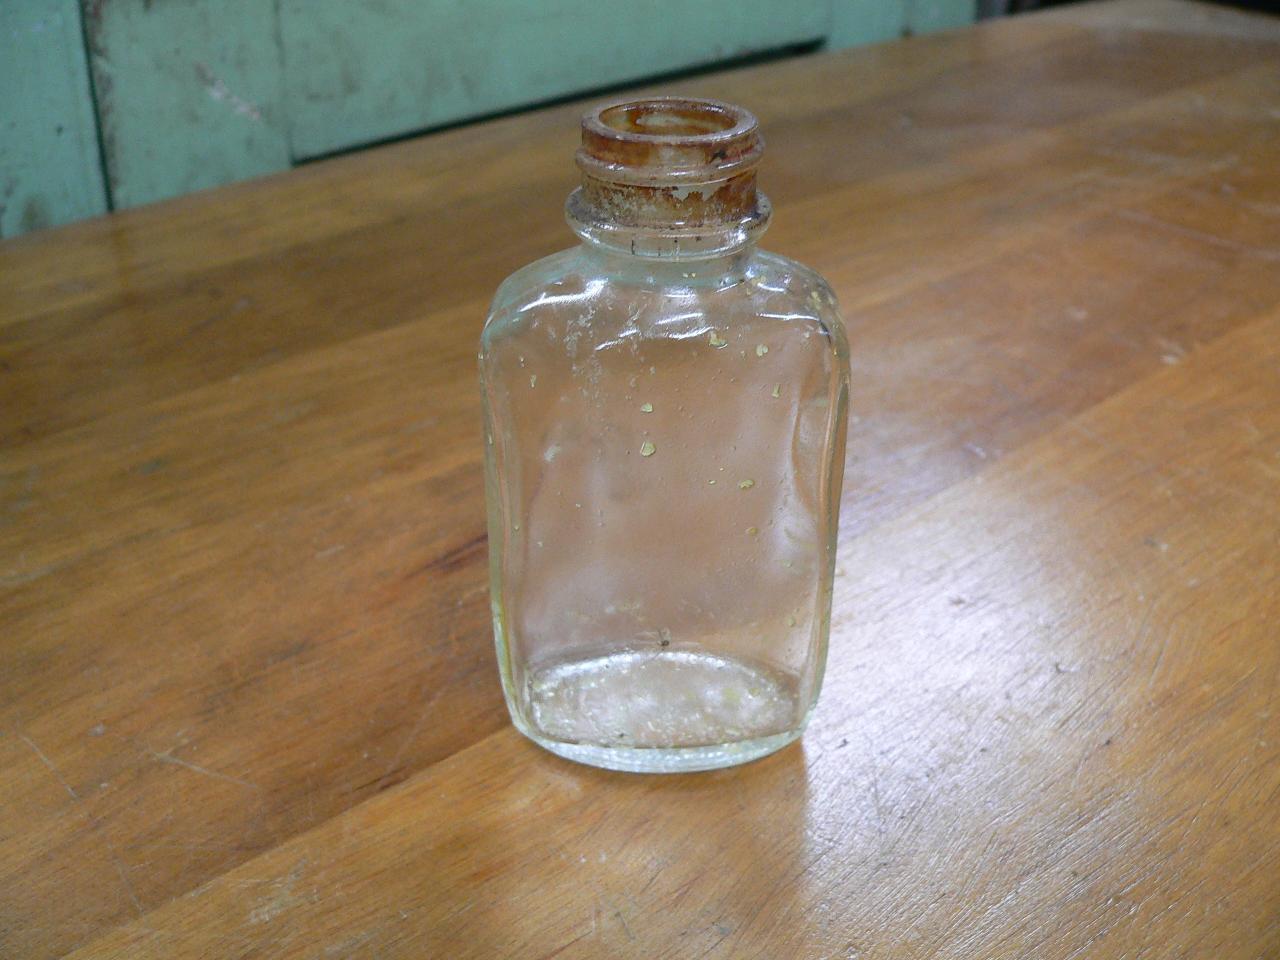 Bouteille aspirine antique # 4275-18